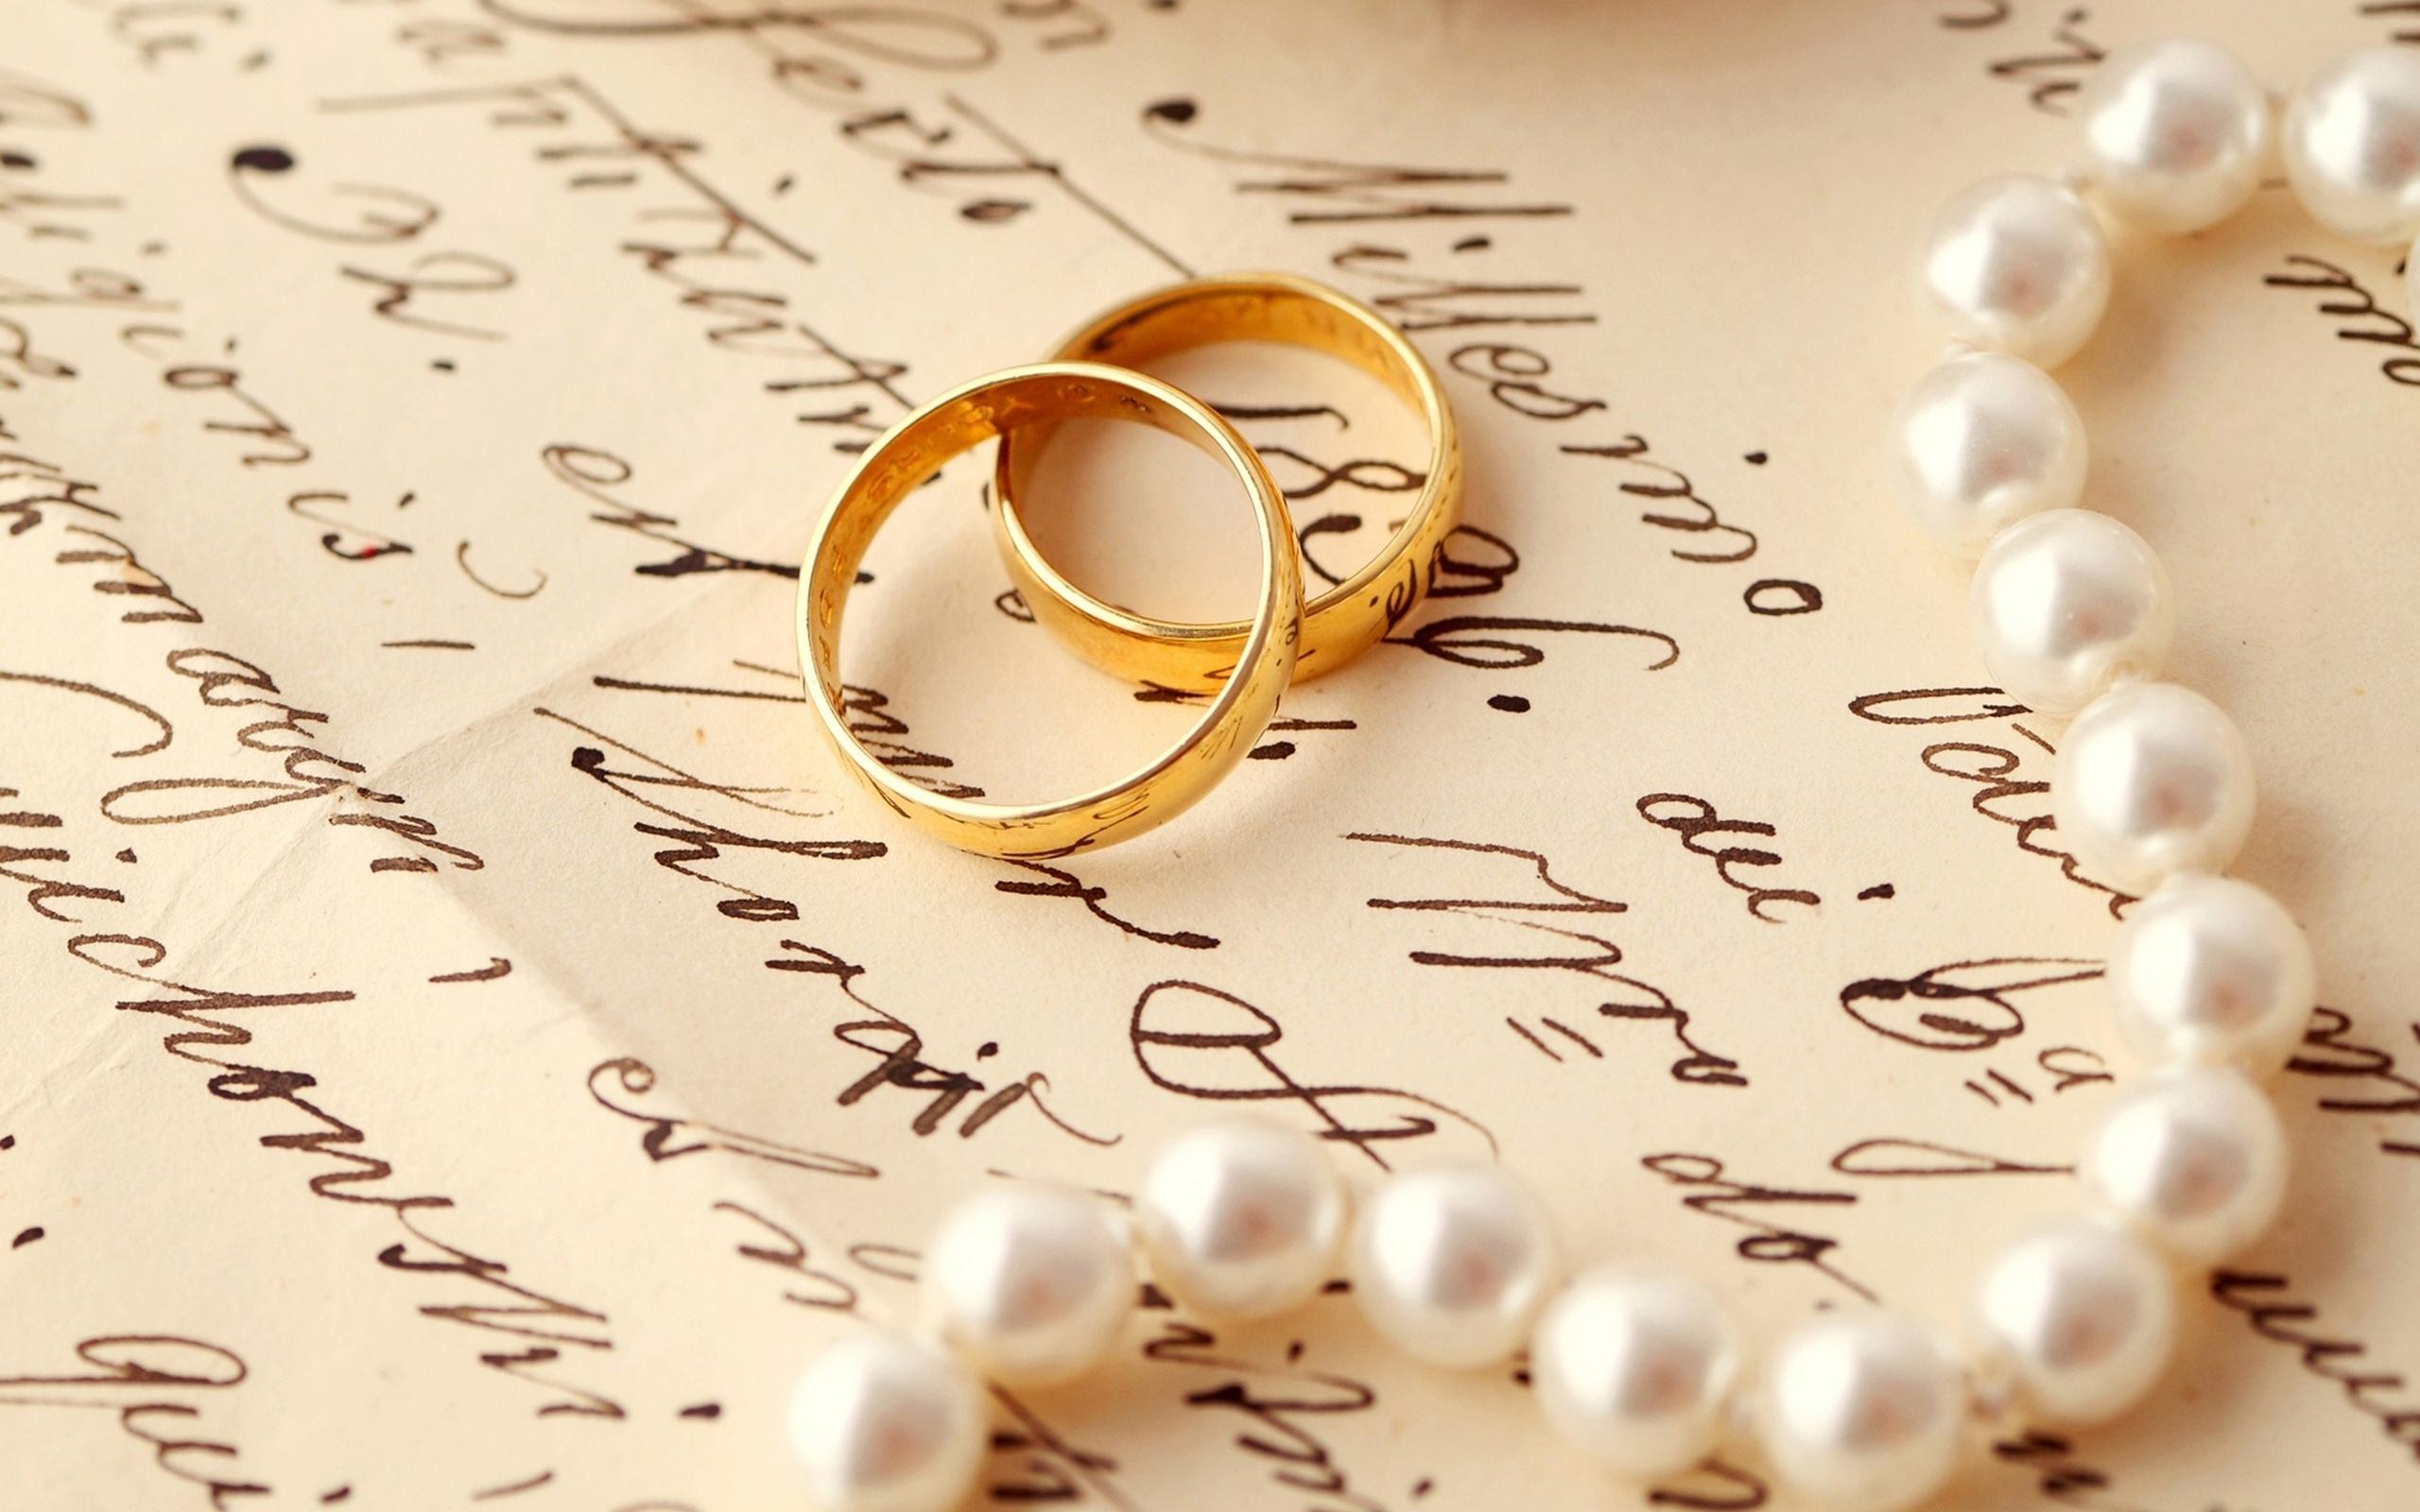 بالصور صور عن عيد الزواج , خلفيات للاحتفال بعيد الزواج 5752 5